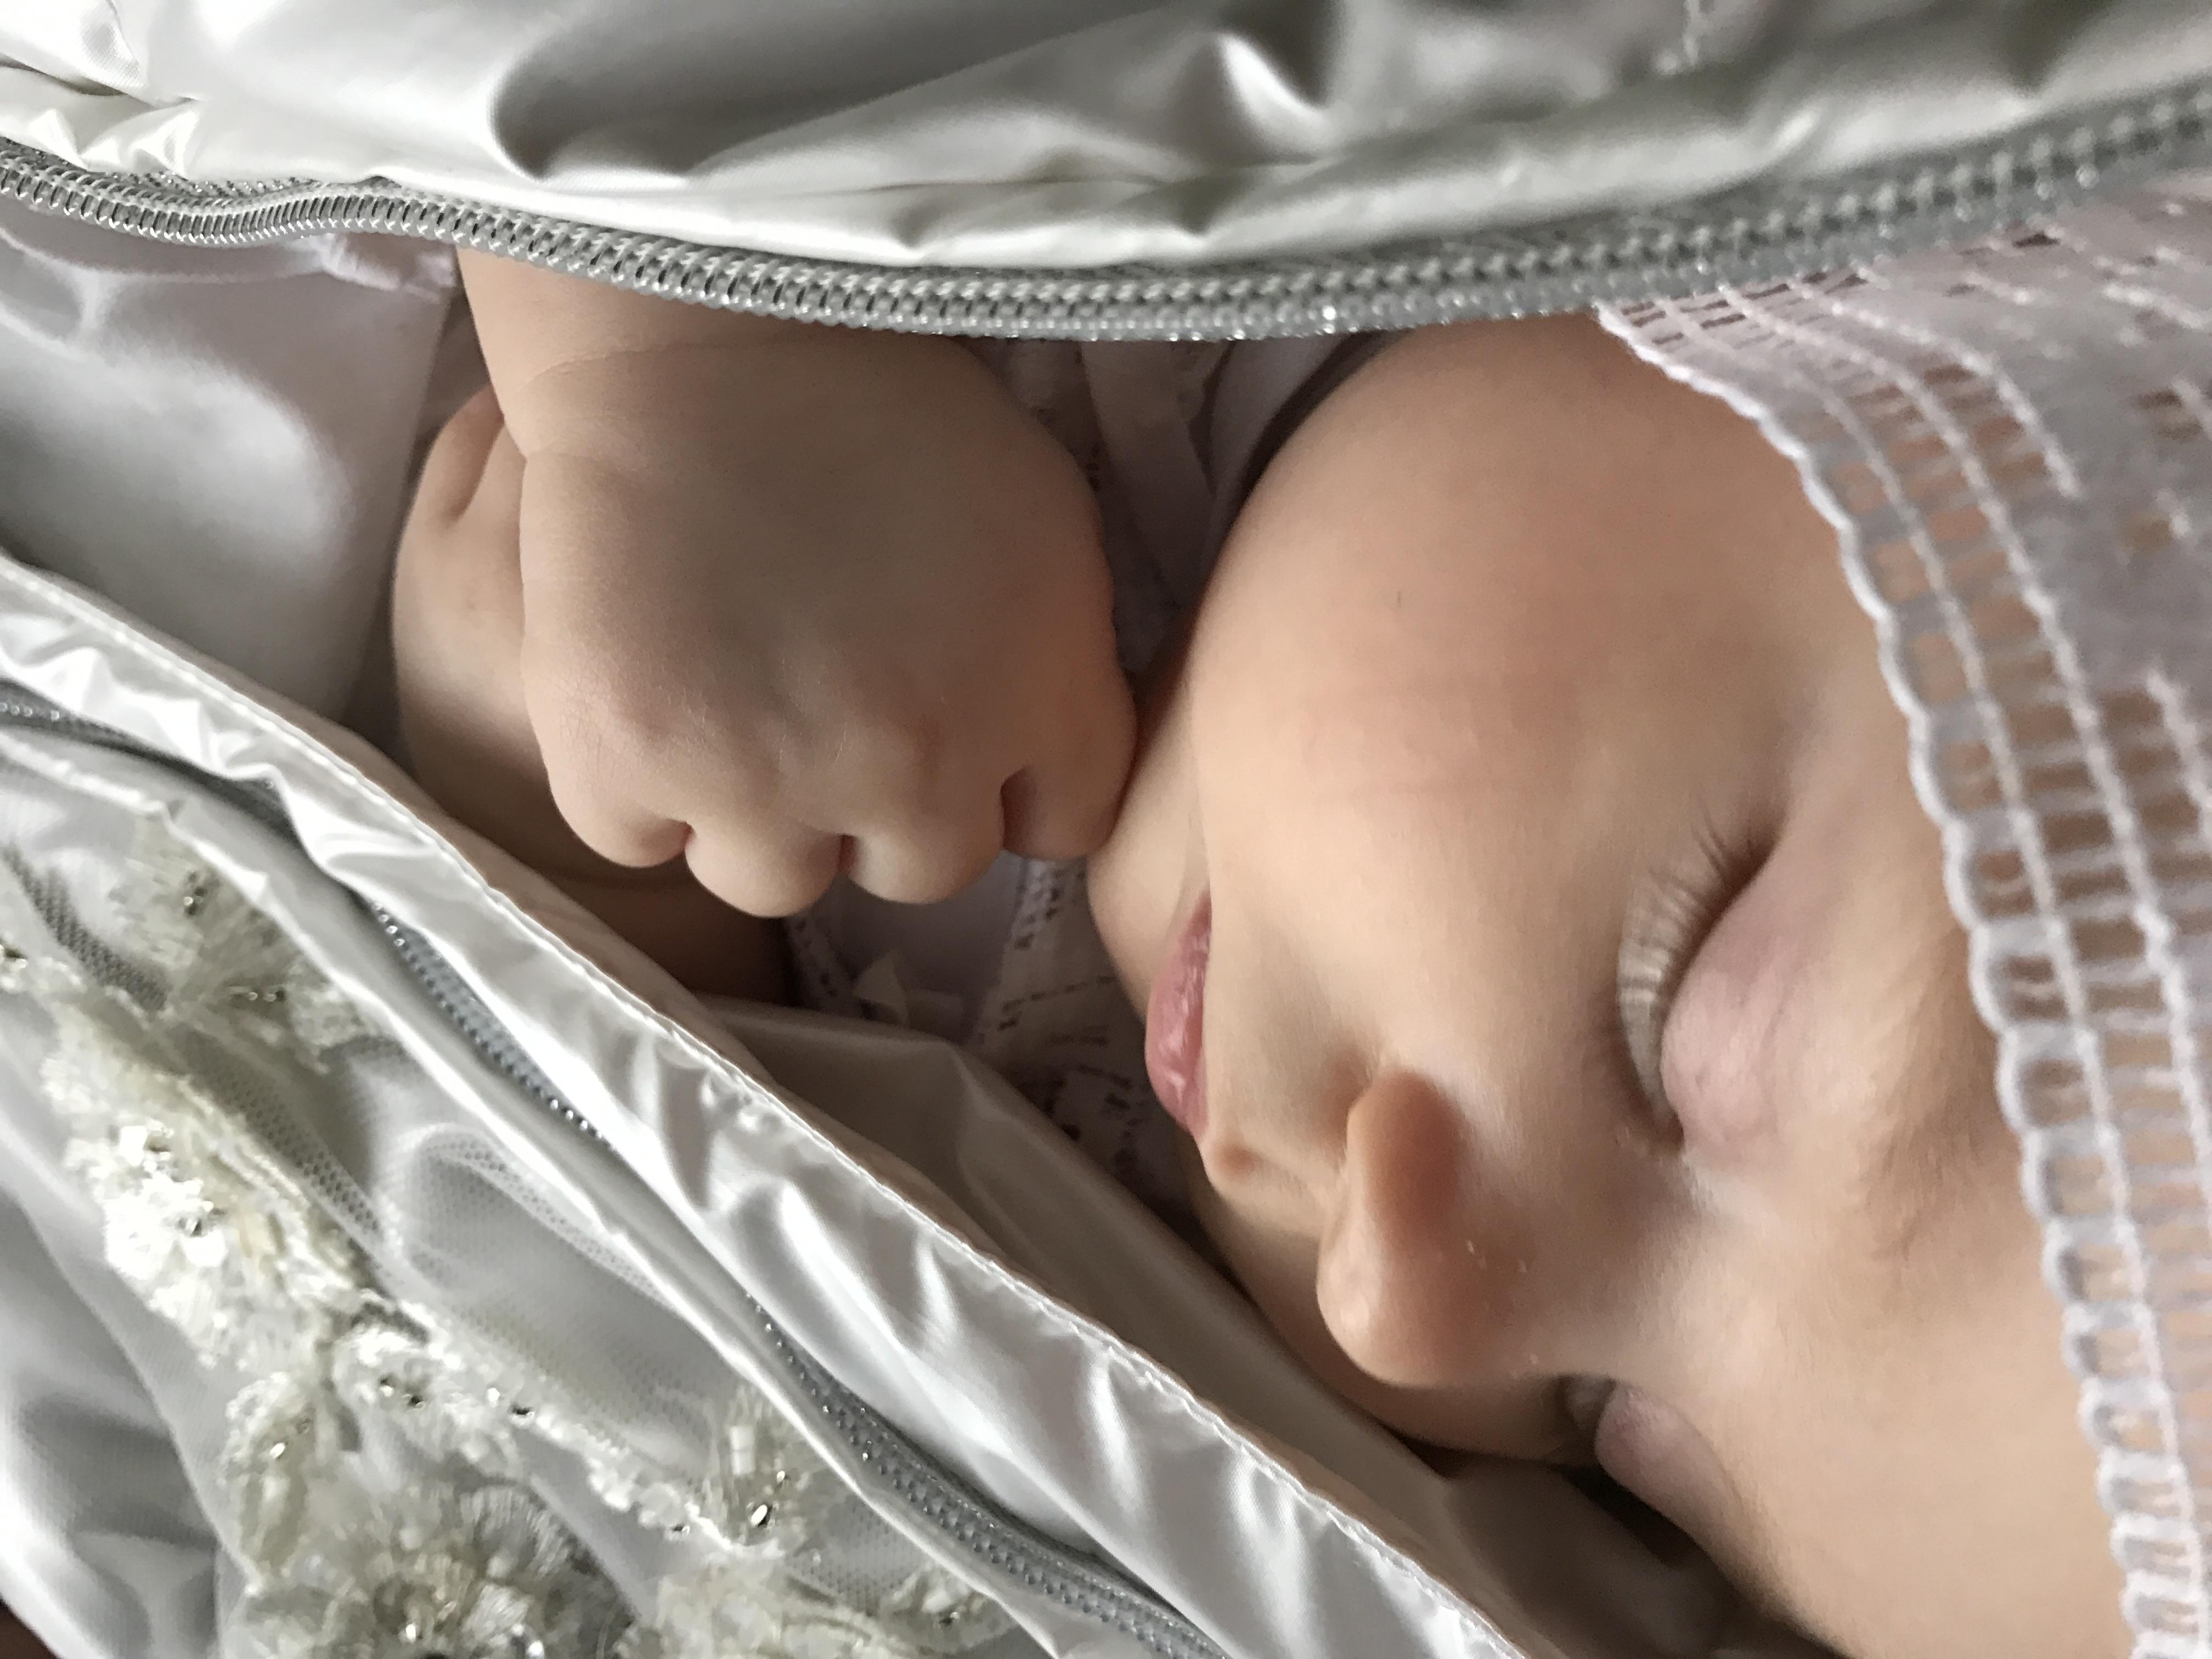 Спи моя радость прикольные фото